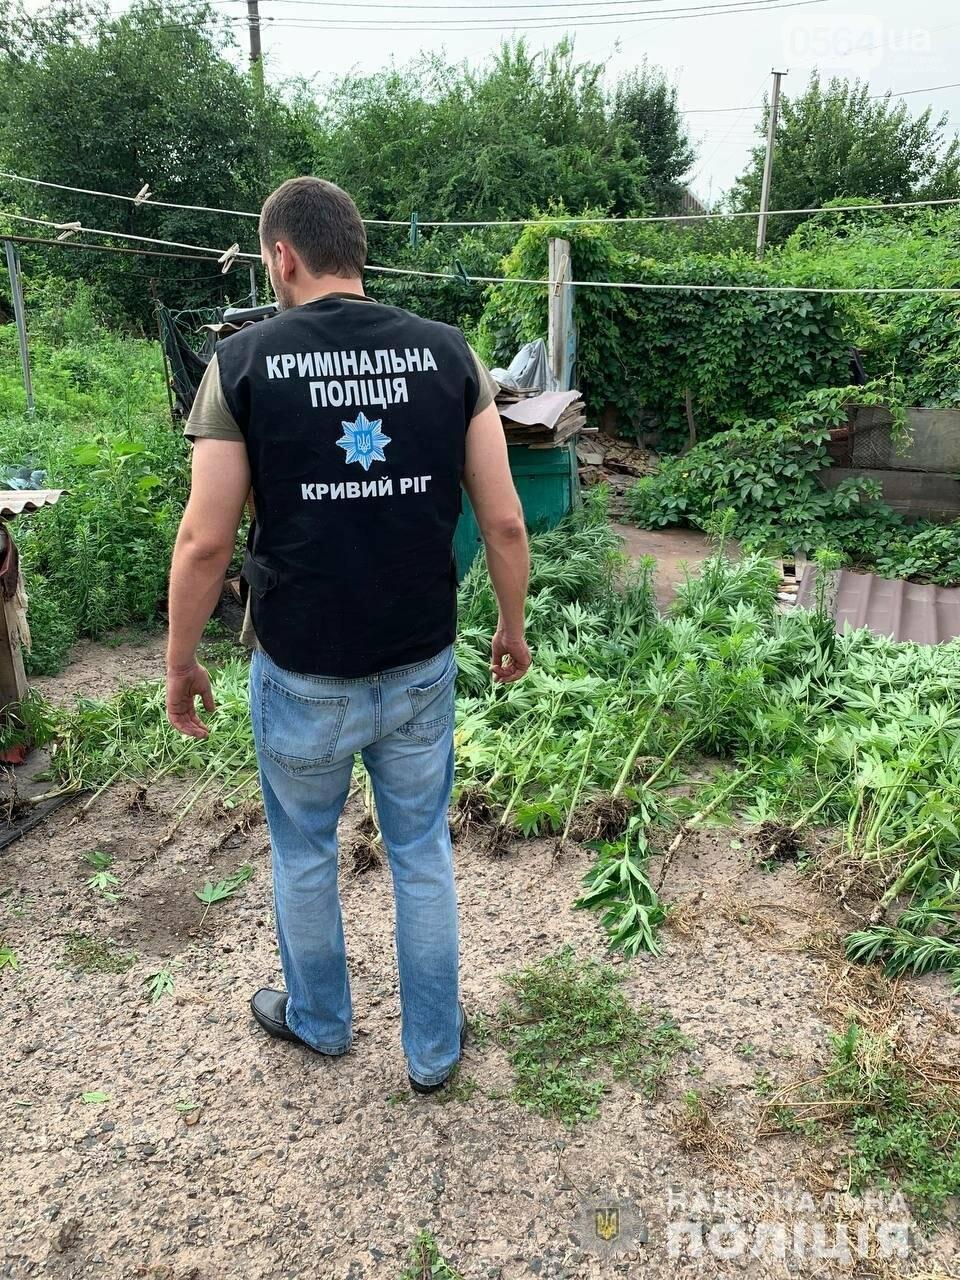 В Кривом Роге полицейские нашли где растёт 2-х метровая конопля, - ФОТО,ВИДЕО, фото-3